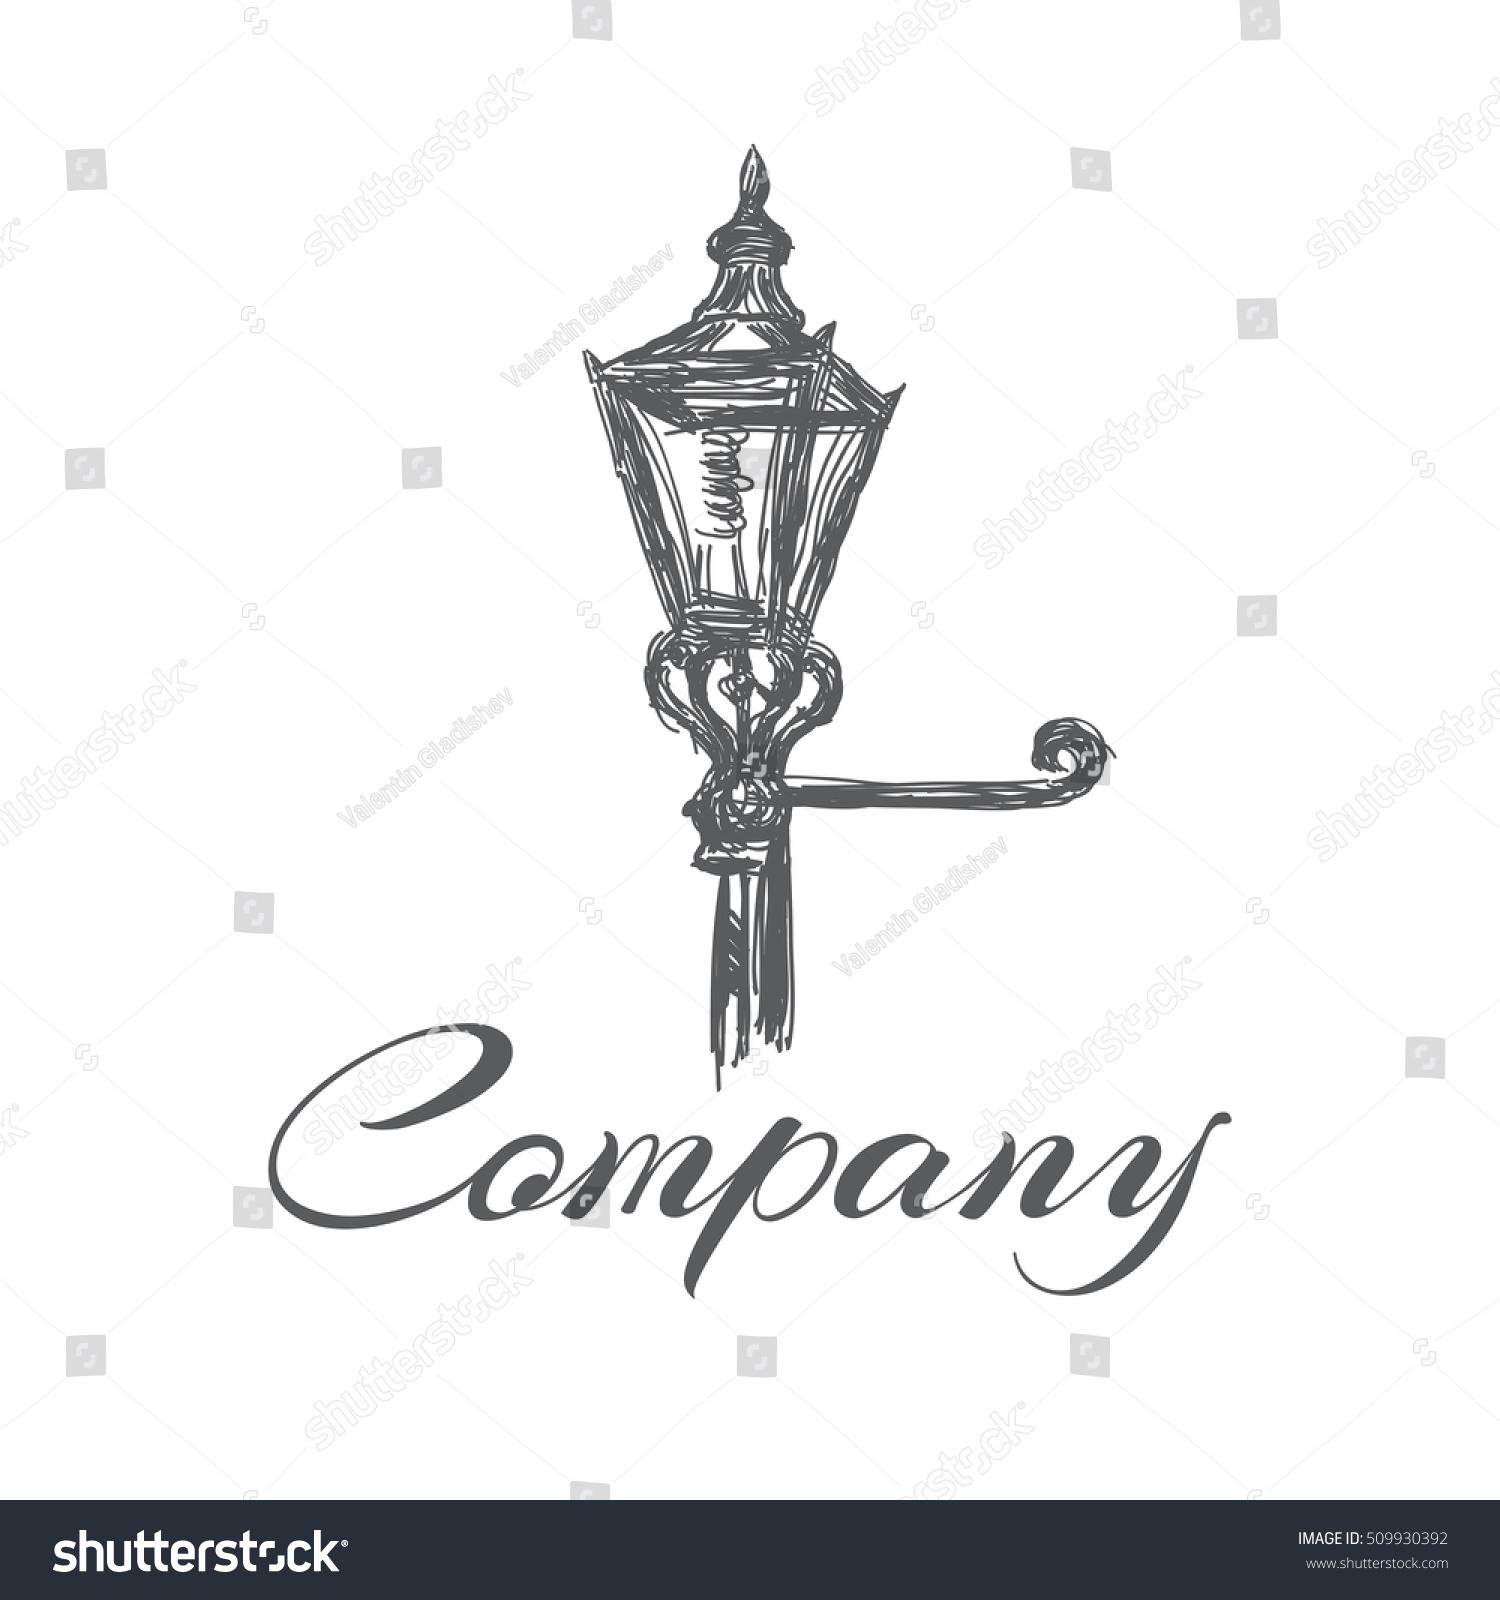 Old Street Lamp Logo Stock Vector 509930392 - Shutterstock for street lamp logo  45jwn